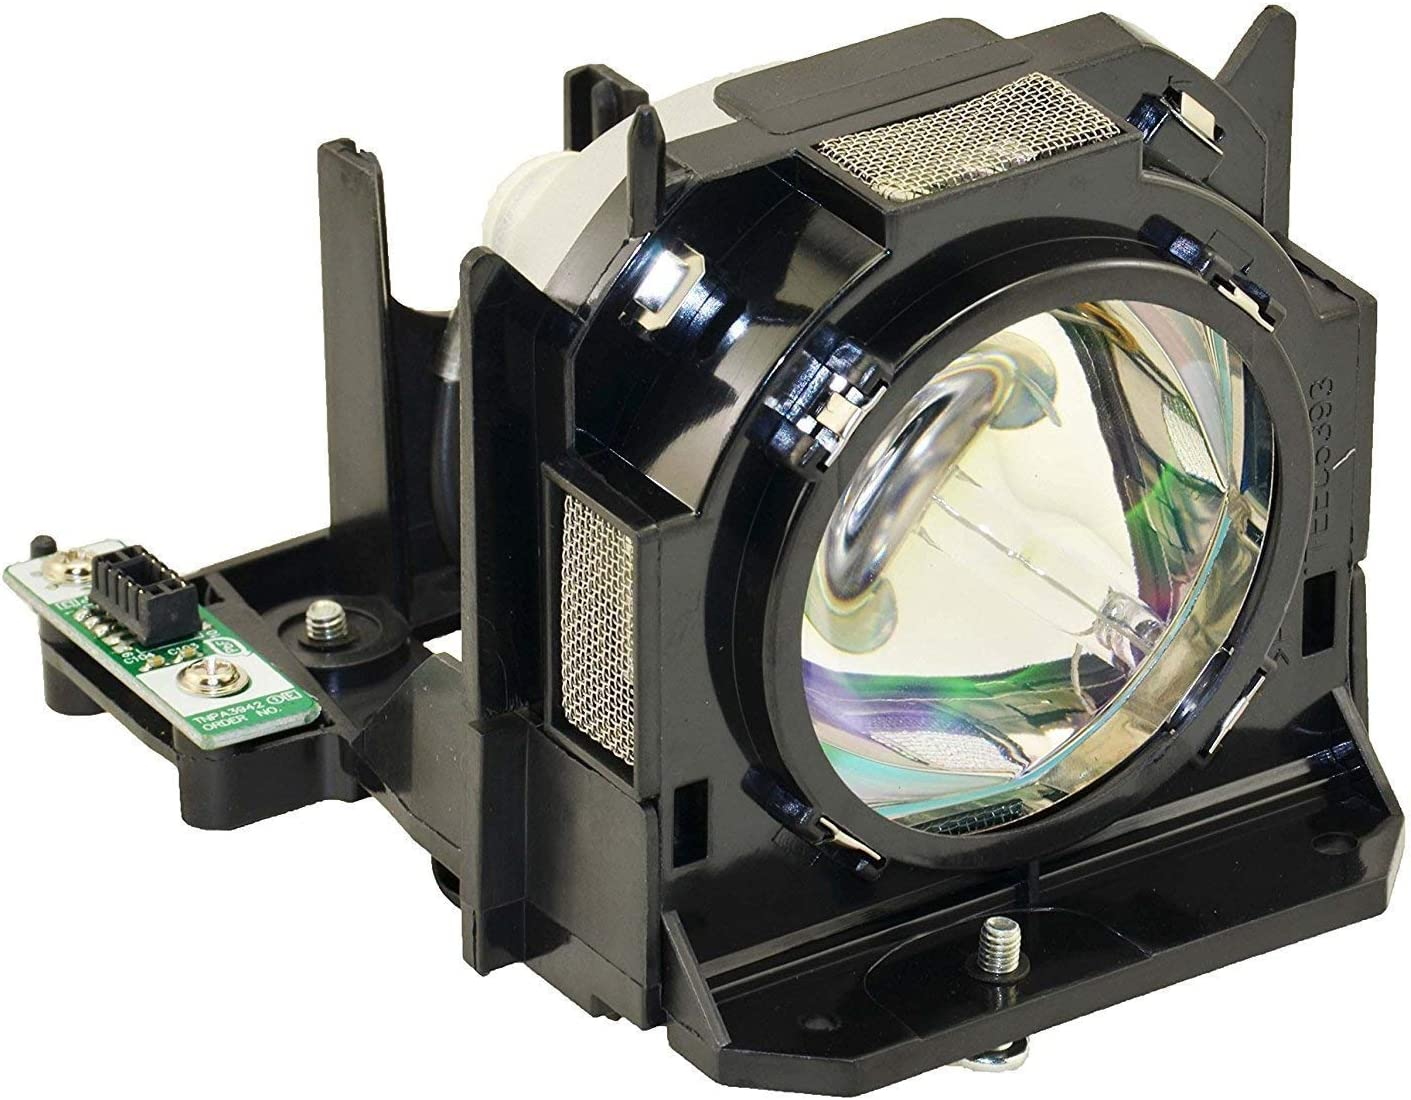 OEM Bulb ET-LAD60 ET-LAD60A Genuine Original Replacement Lamp with Housing for Panasonic PT-D6710 PT-DZ6710 PT-DZ6710E PT-DZ6710EL PT-DZ6710L PT-DZ6710U PT-DZ6710UL Projector